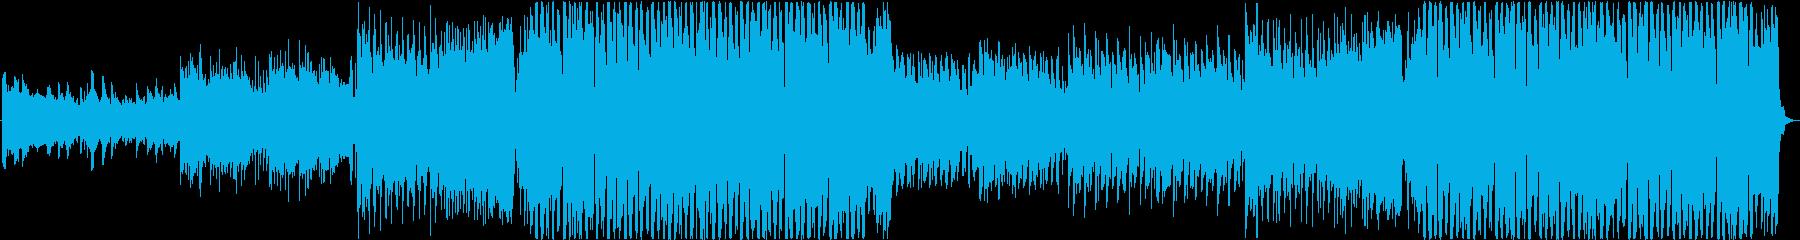 明るいオープニングEDM/Houseの再生済みの波形